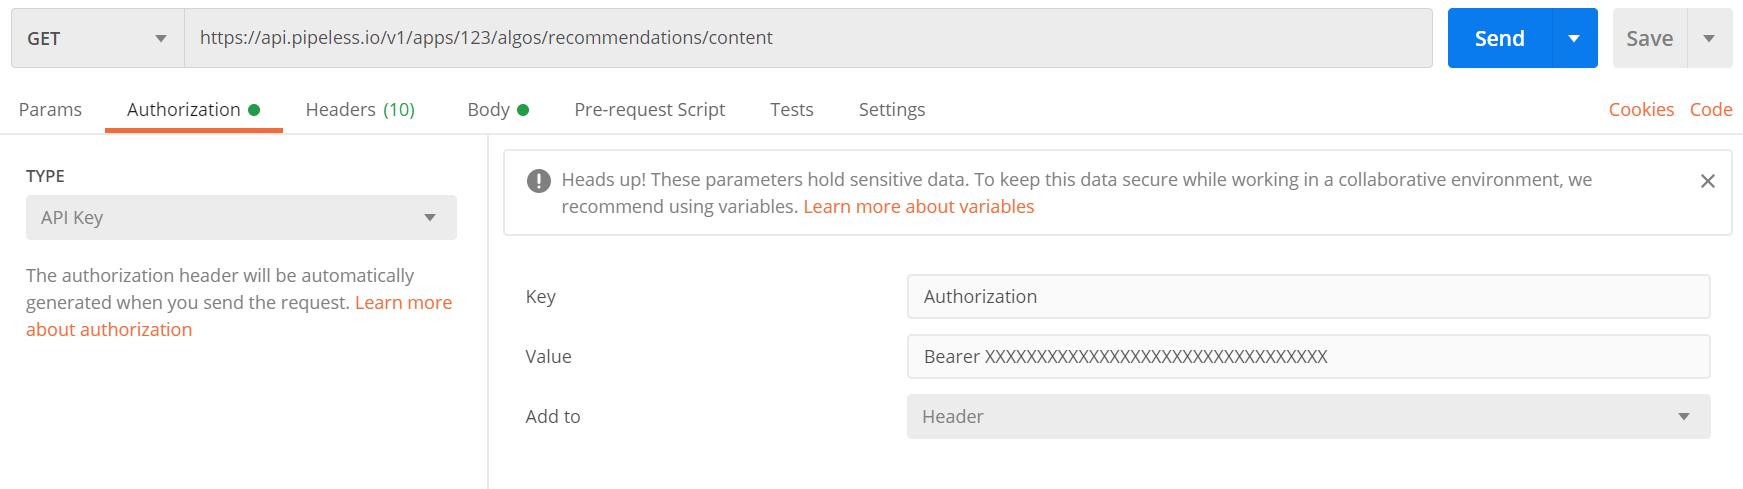 Postman authorization page to enter API Key